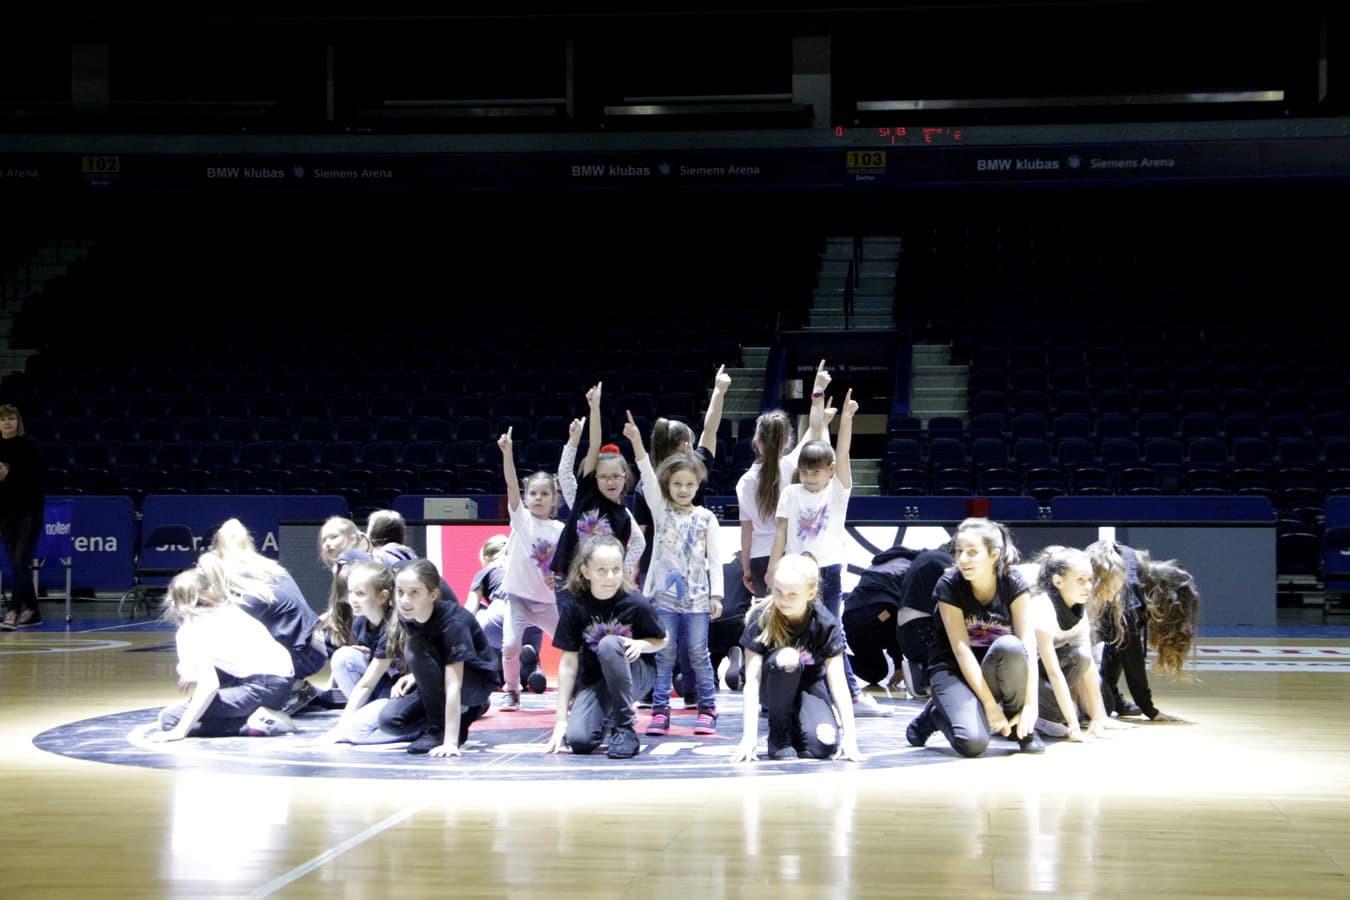 Vaikų ir jaunimo linijinių šokių grupių pasirodymas Siemens arenoje.